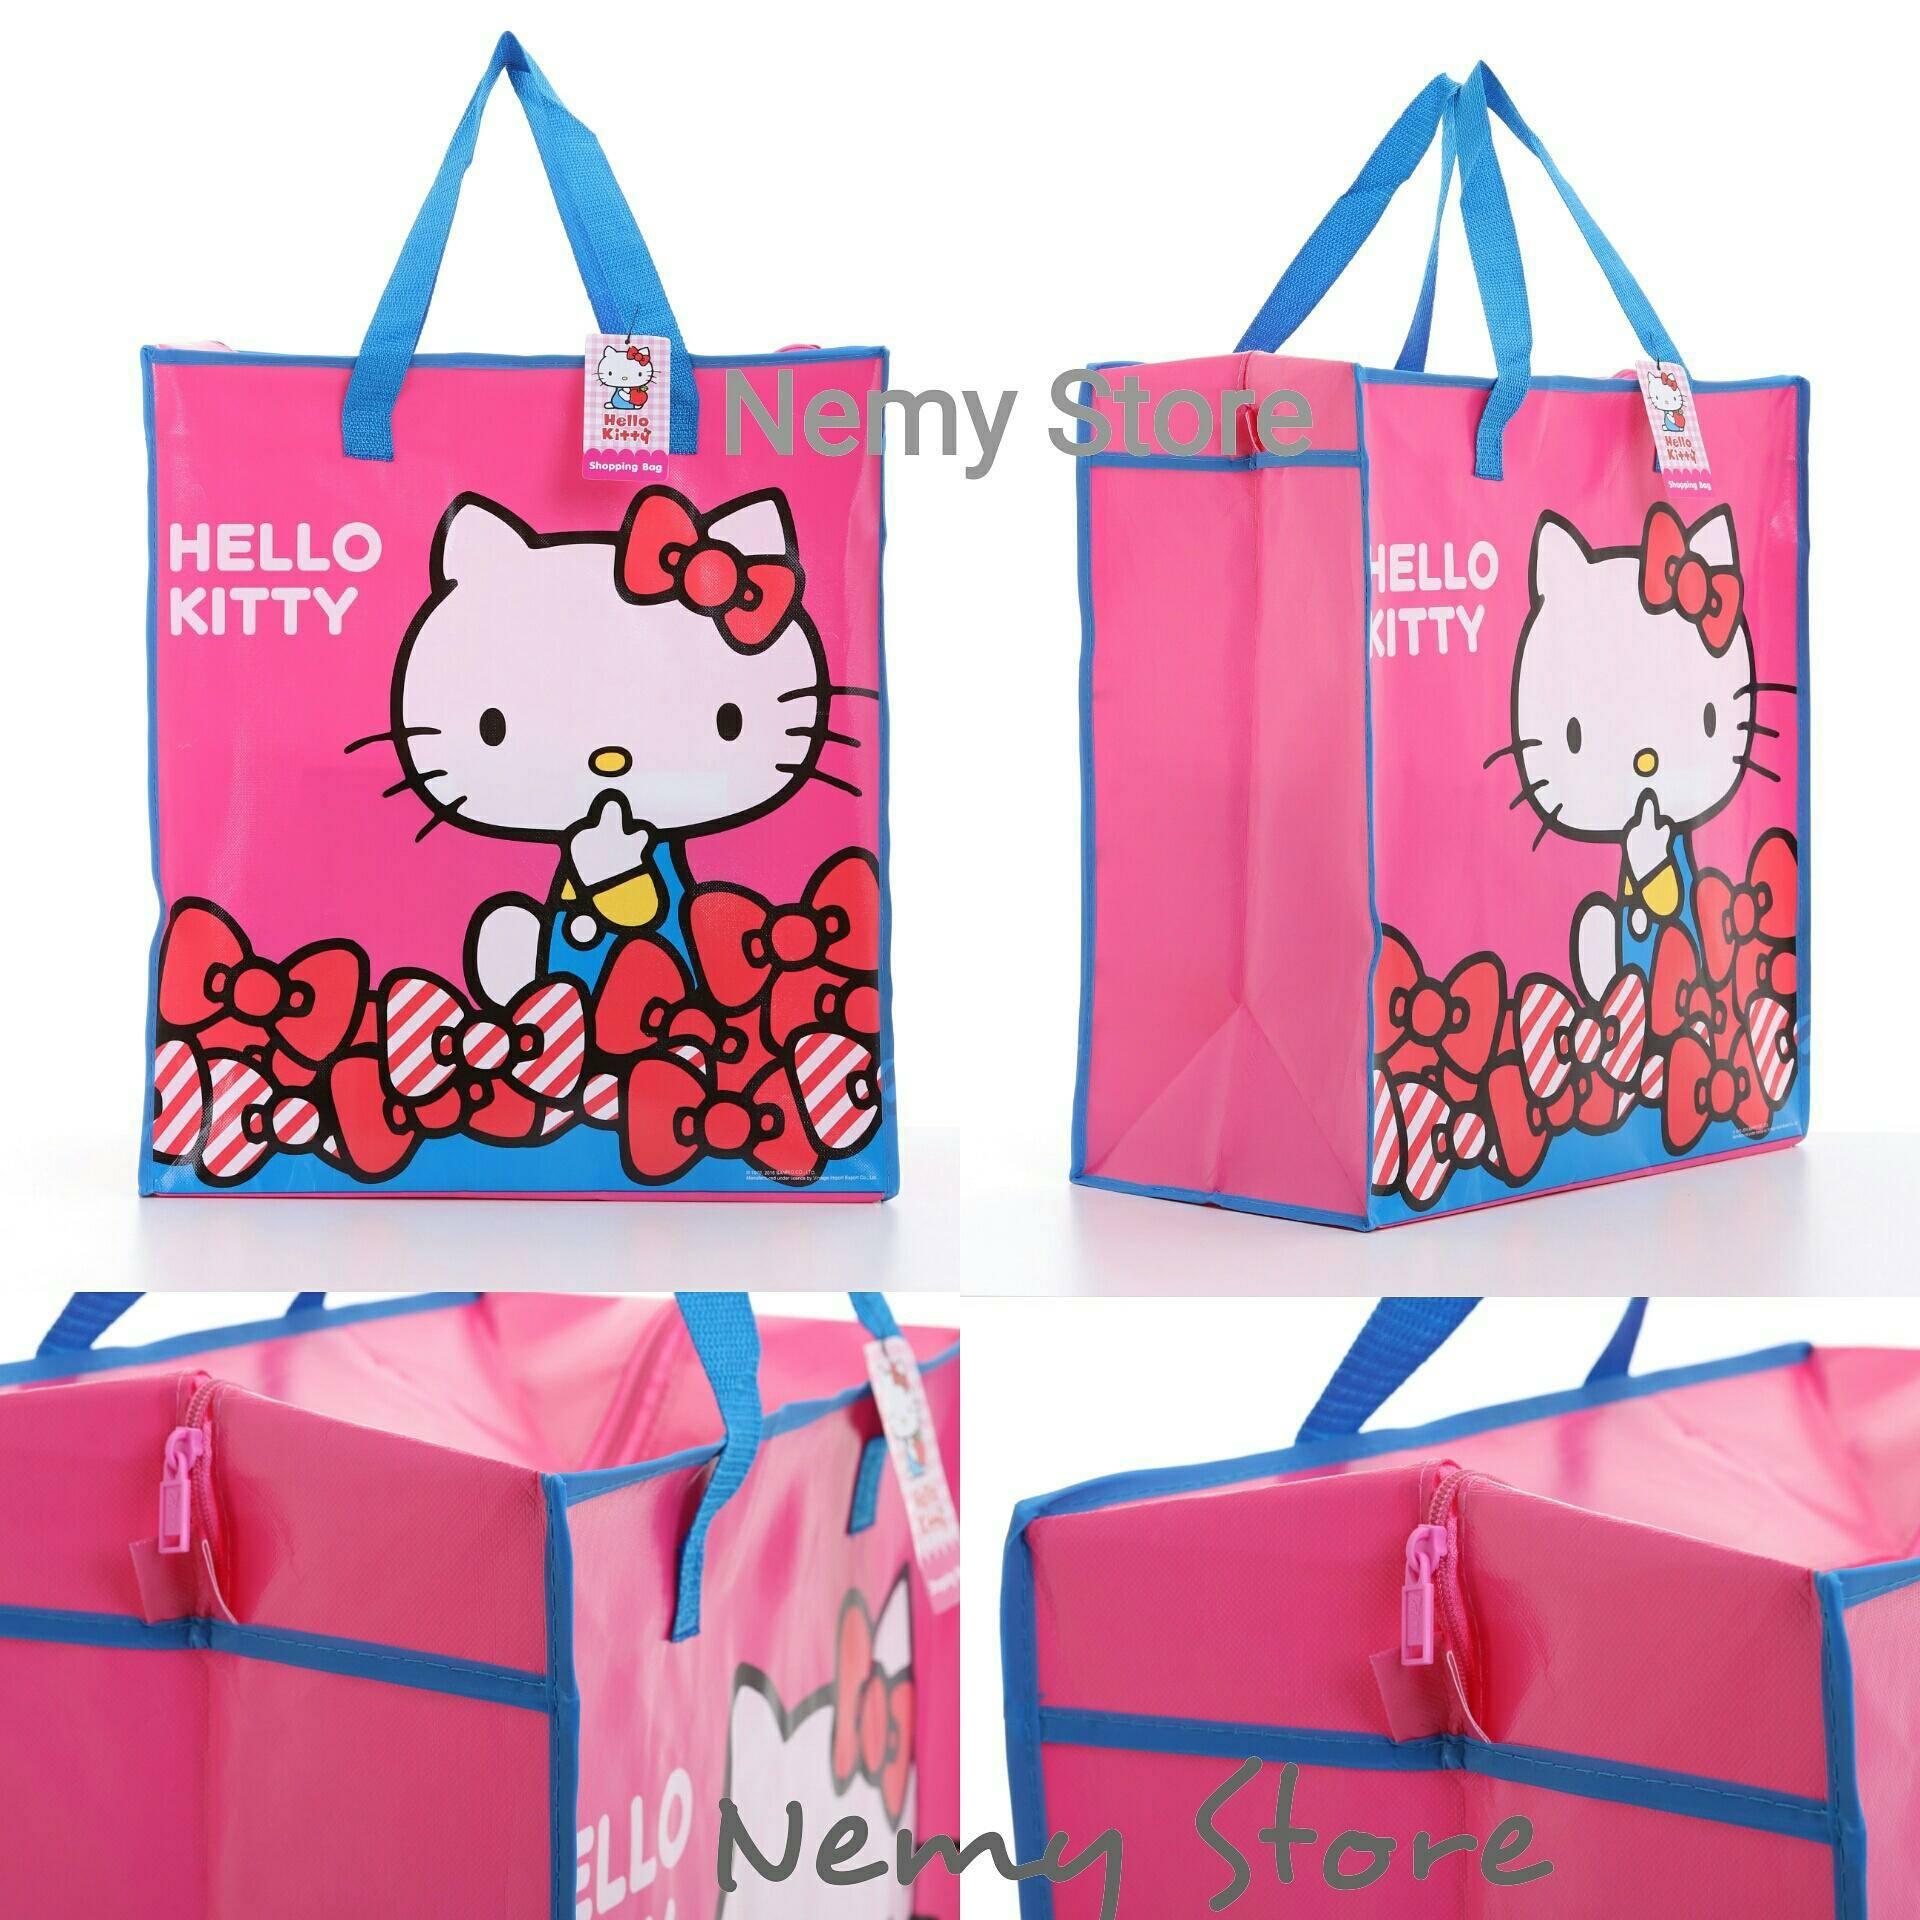 กระเป๋ากระสอบ ลายลิขสิทธิ์ Hello Kitty คิตตี้ มีซิป ไซส์เล็ก ขนาด 50*45*25 cm.ราคาส่ง 80 บาท